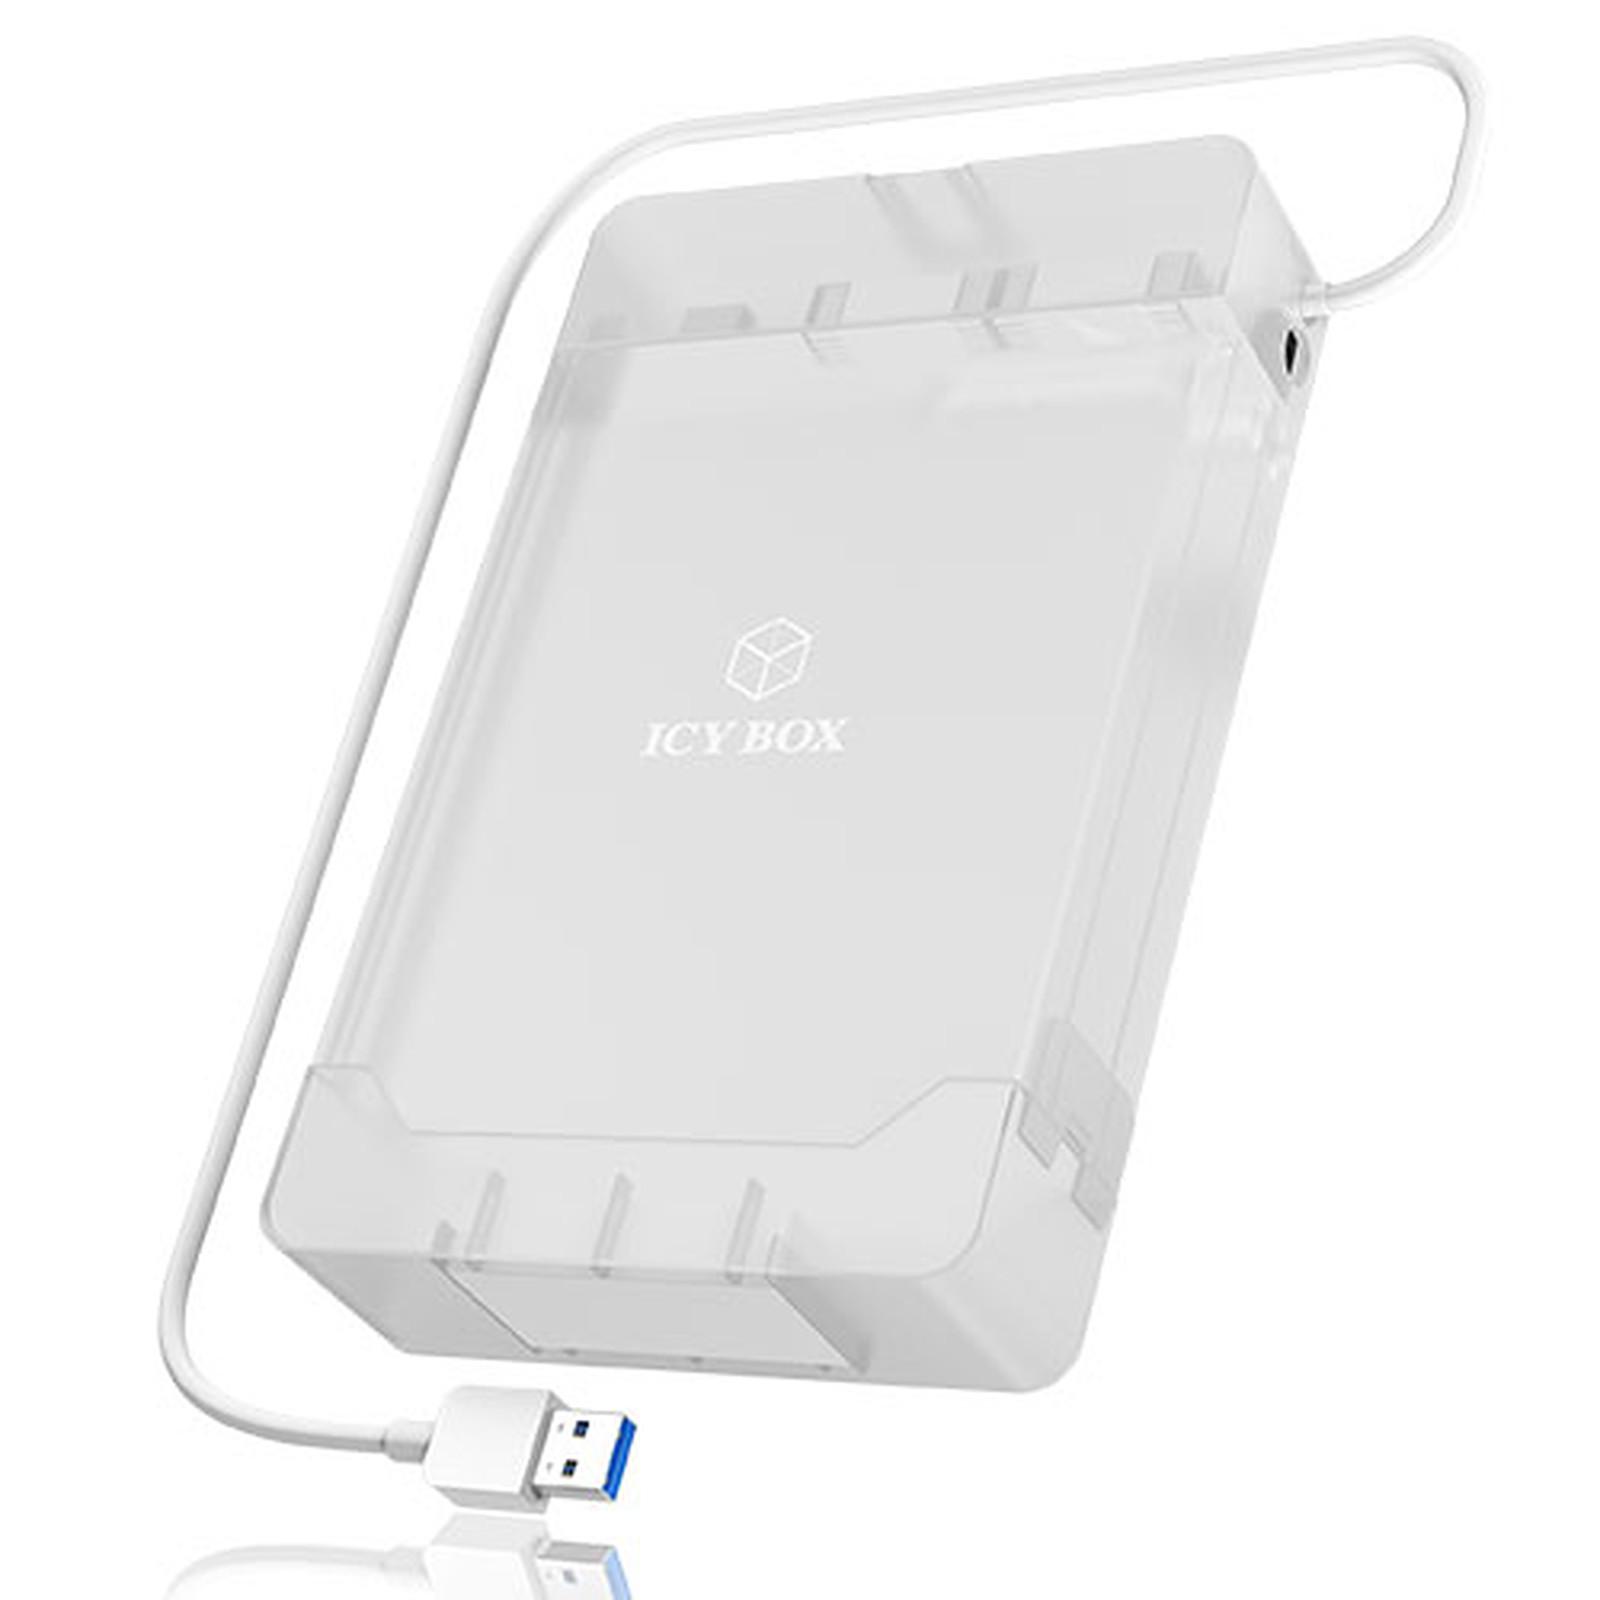 ICY BOX IB-AC705-6G